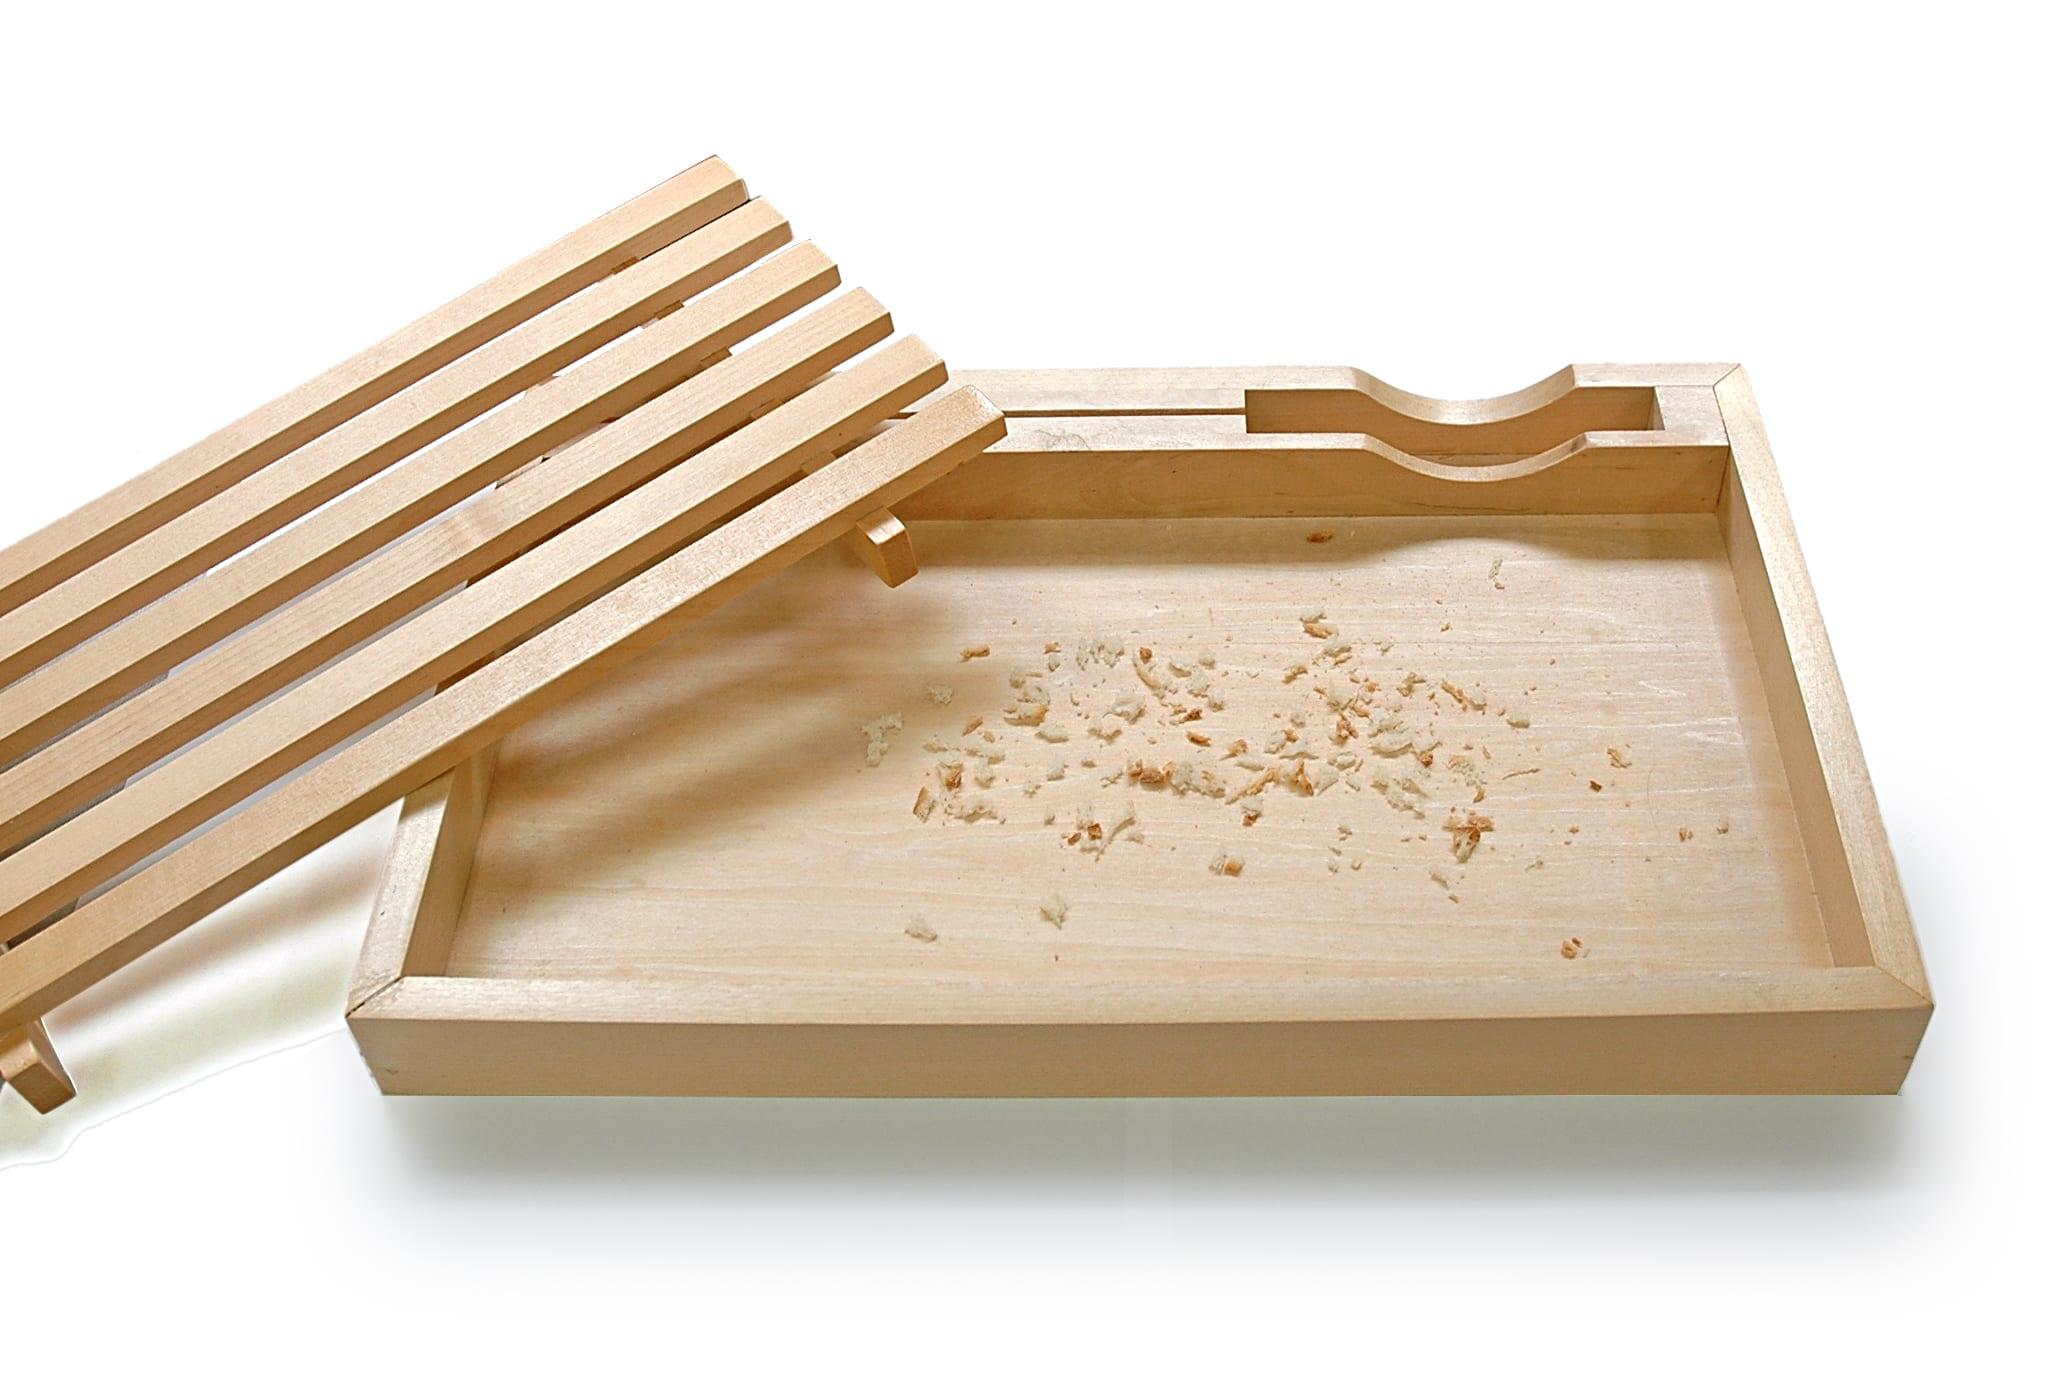 パンくずが散らからないまな板&ナイフのセット【ブレッドカッティングボード】 パンを切ったパンのくずは下のすのこに落ちるから、散らかりません。